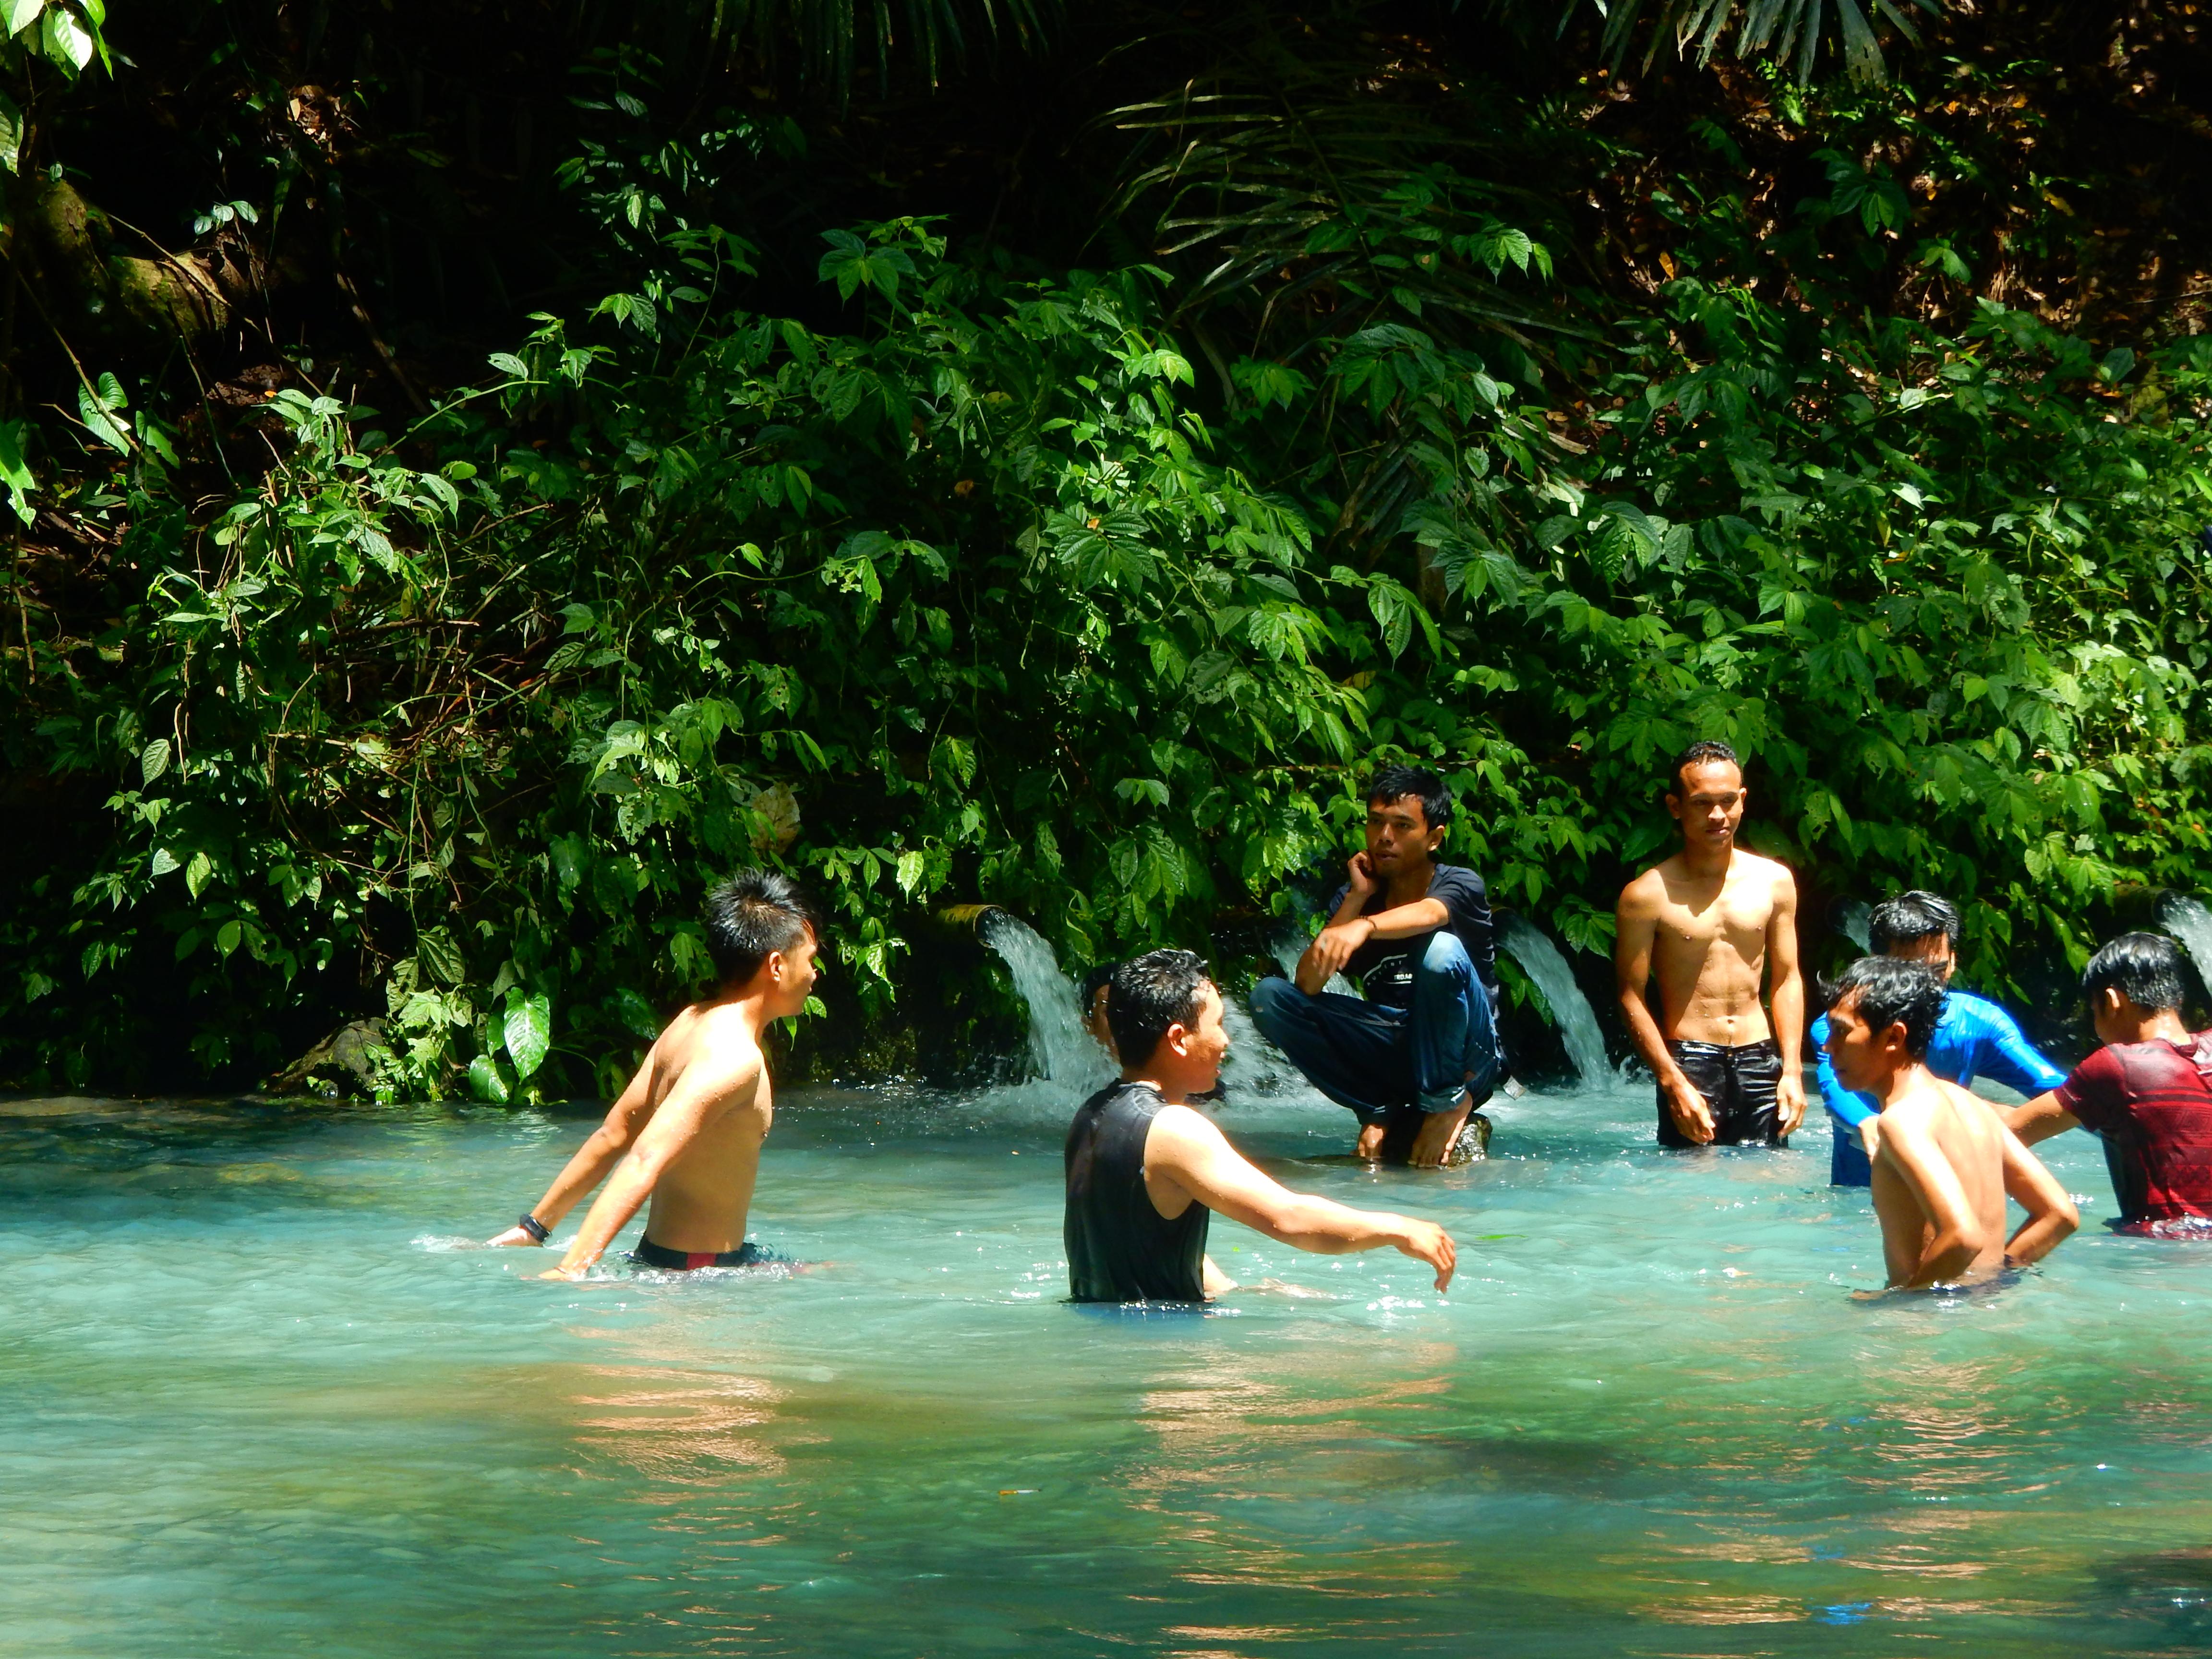 Indonésiens, Eau de souffre Sesaot, Lombok, Indonésie.